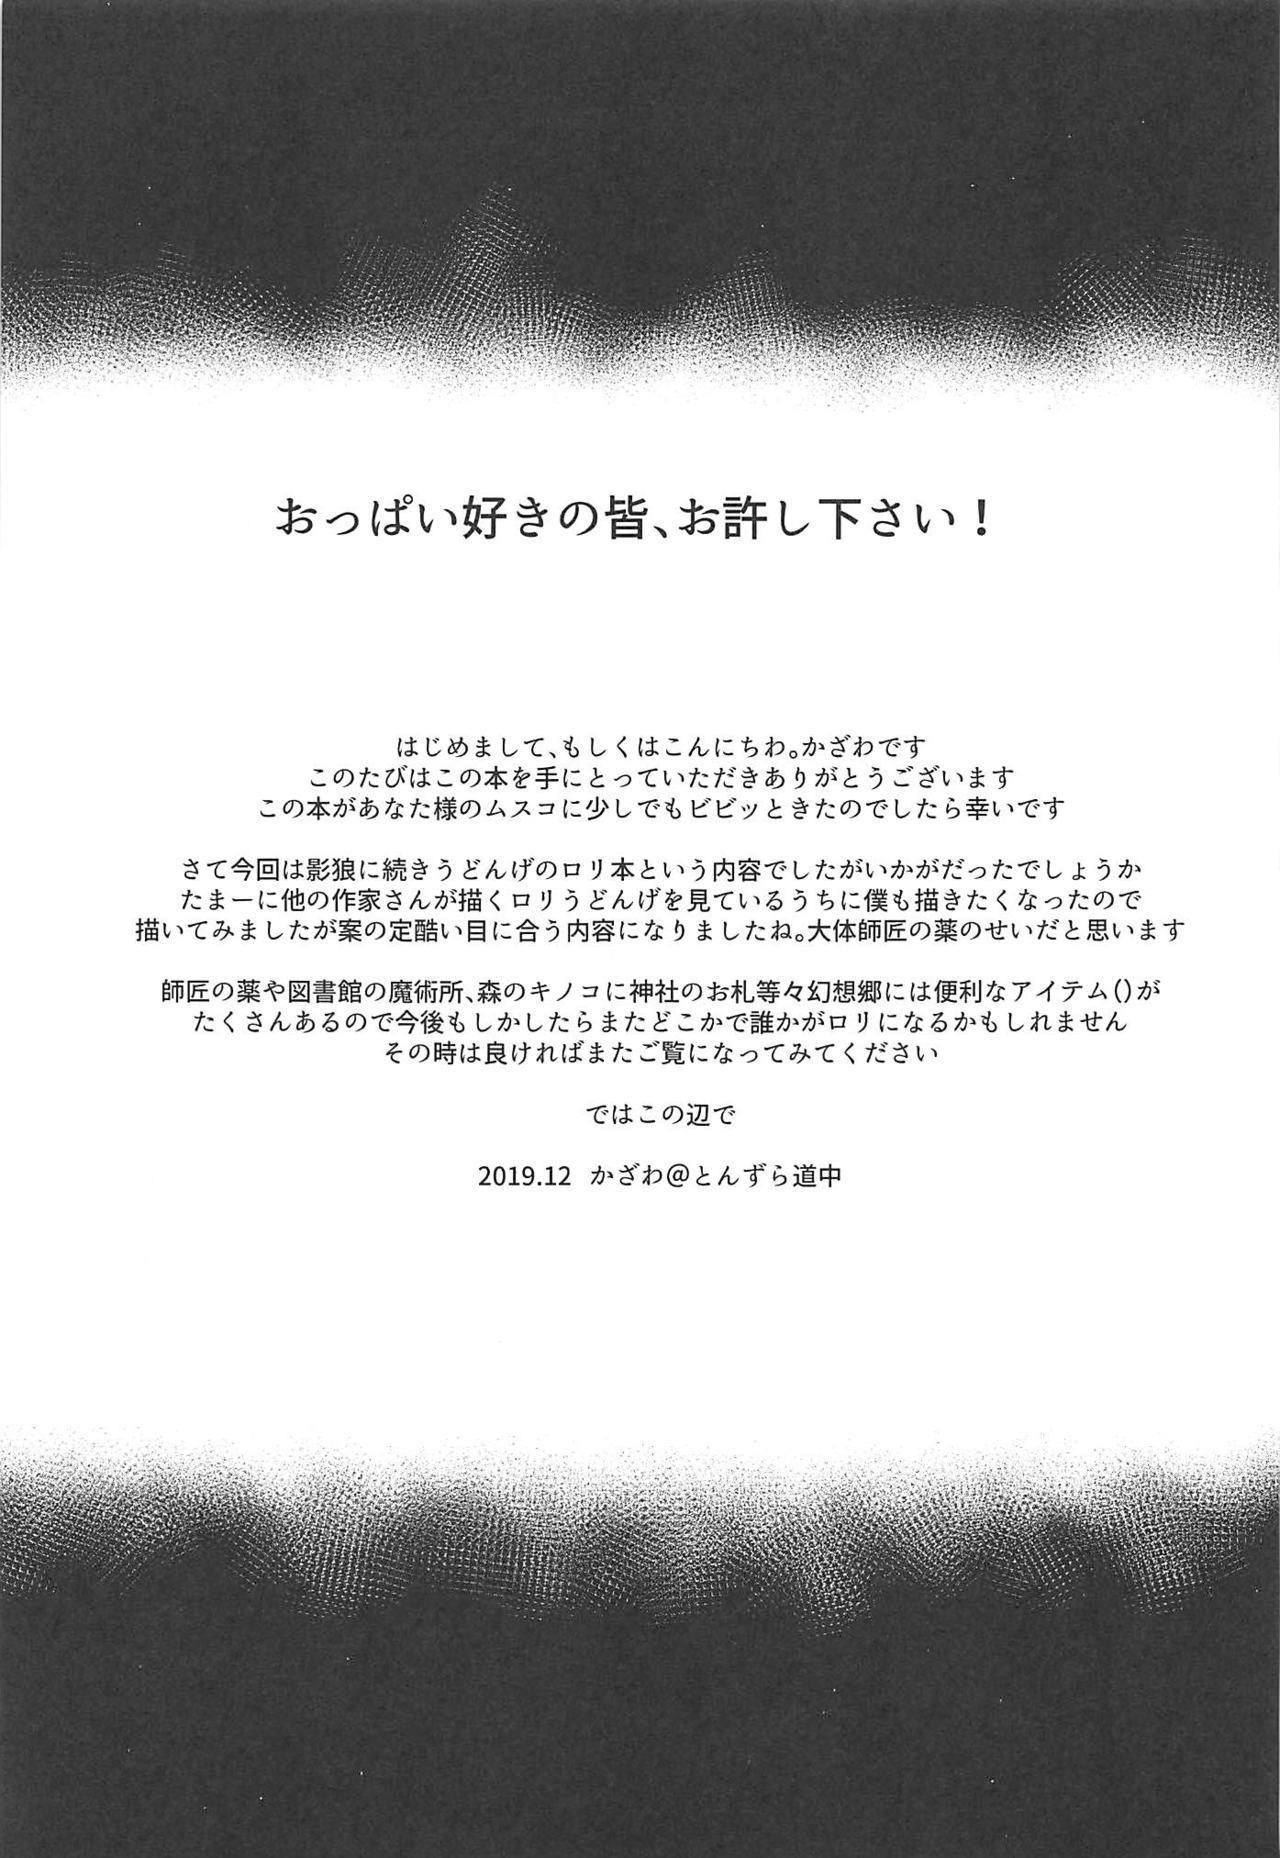 Tsukito Haramiki Udonge Kankin Haramase 25